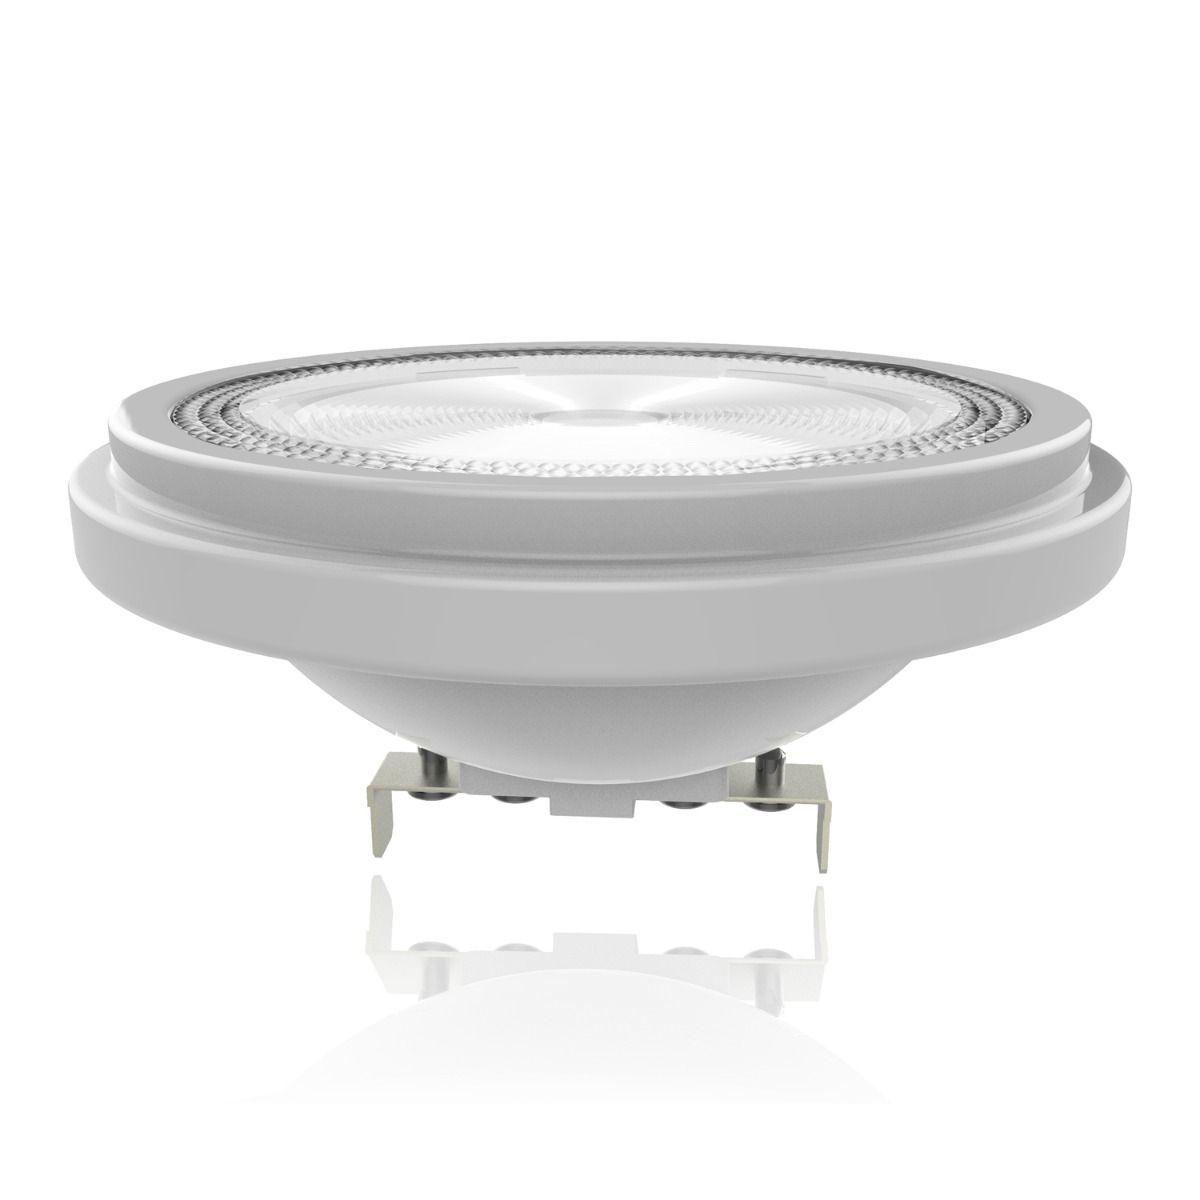 Noxion Lucent Spot LED AR111 G53 12V 13.3W 930 40D | Dimmable - Meilleur rendu des couleurs - Substitut 100W